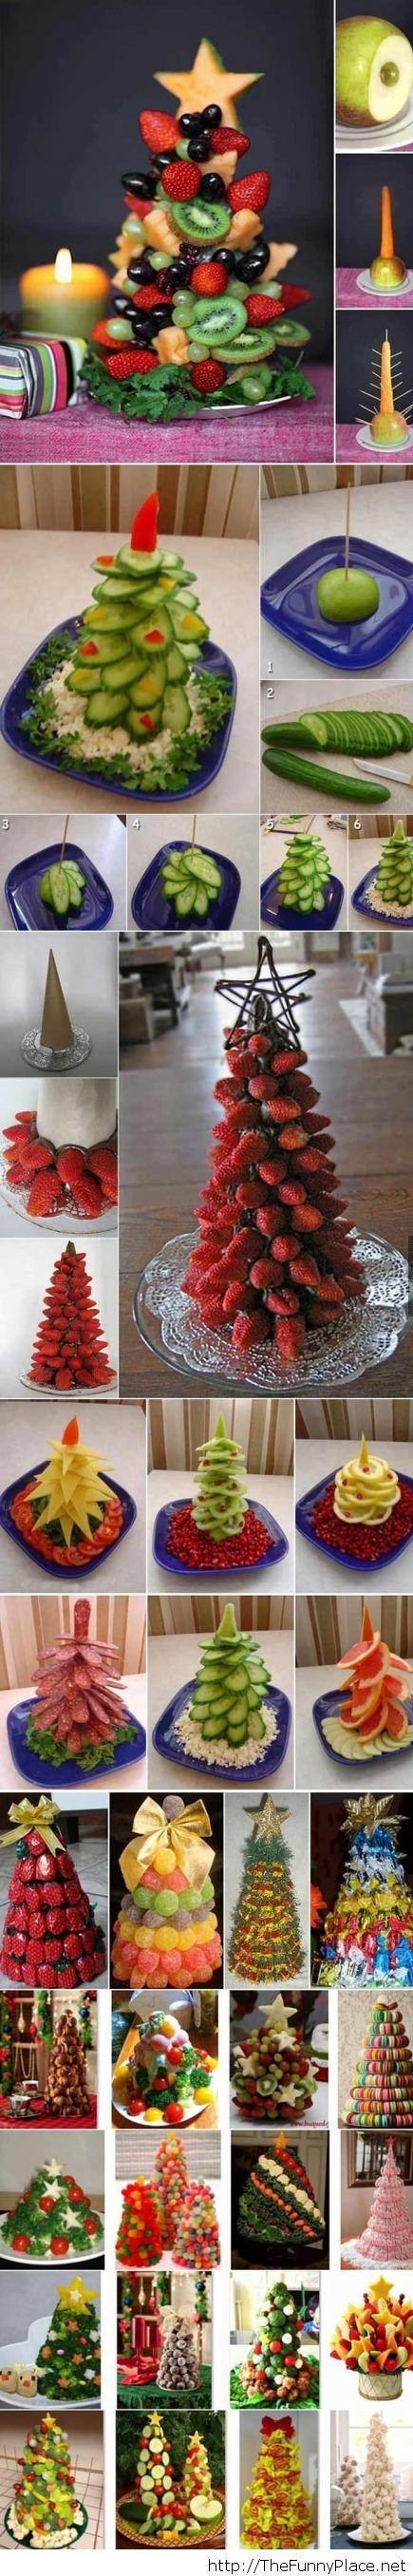 Tasty christmas trees